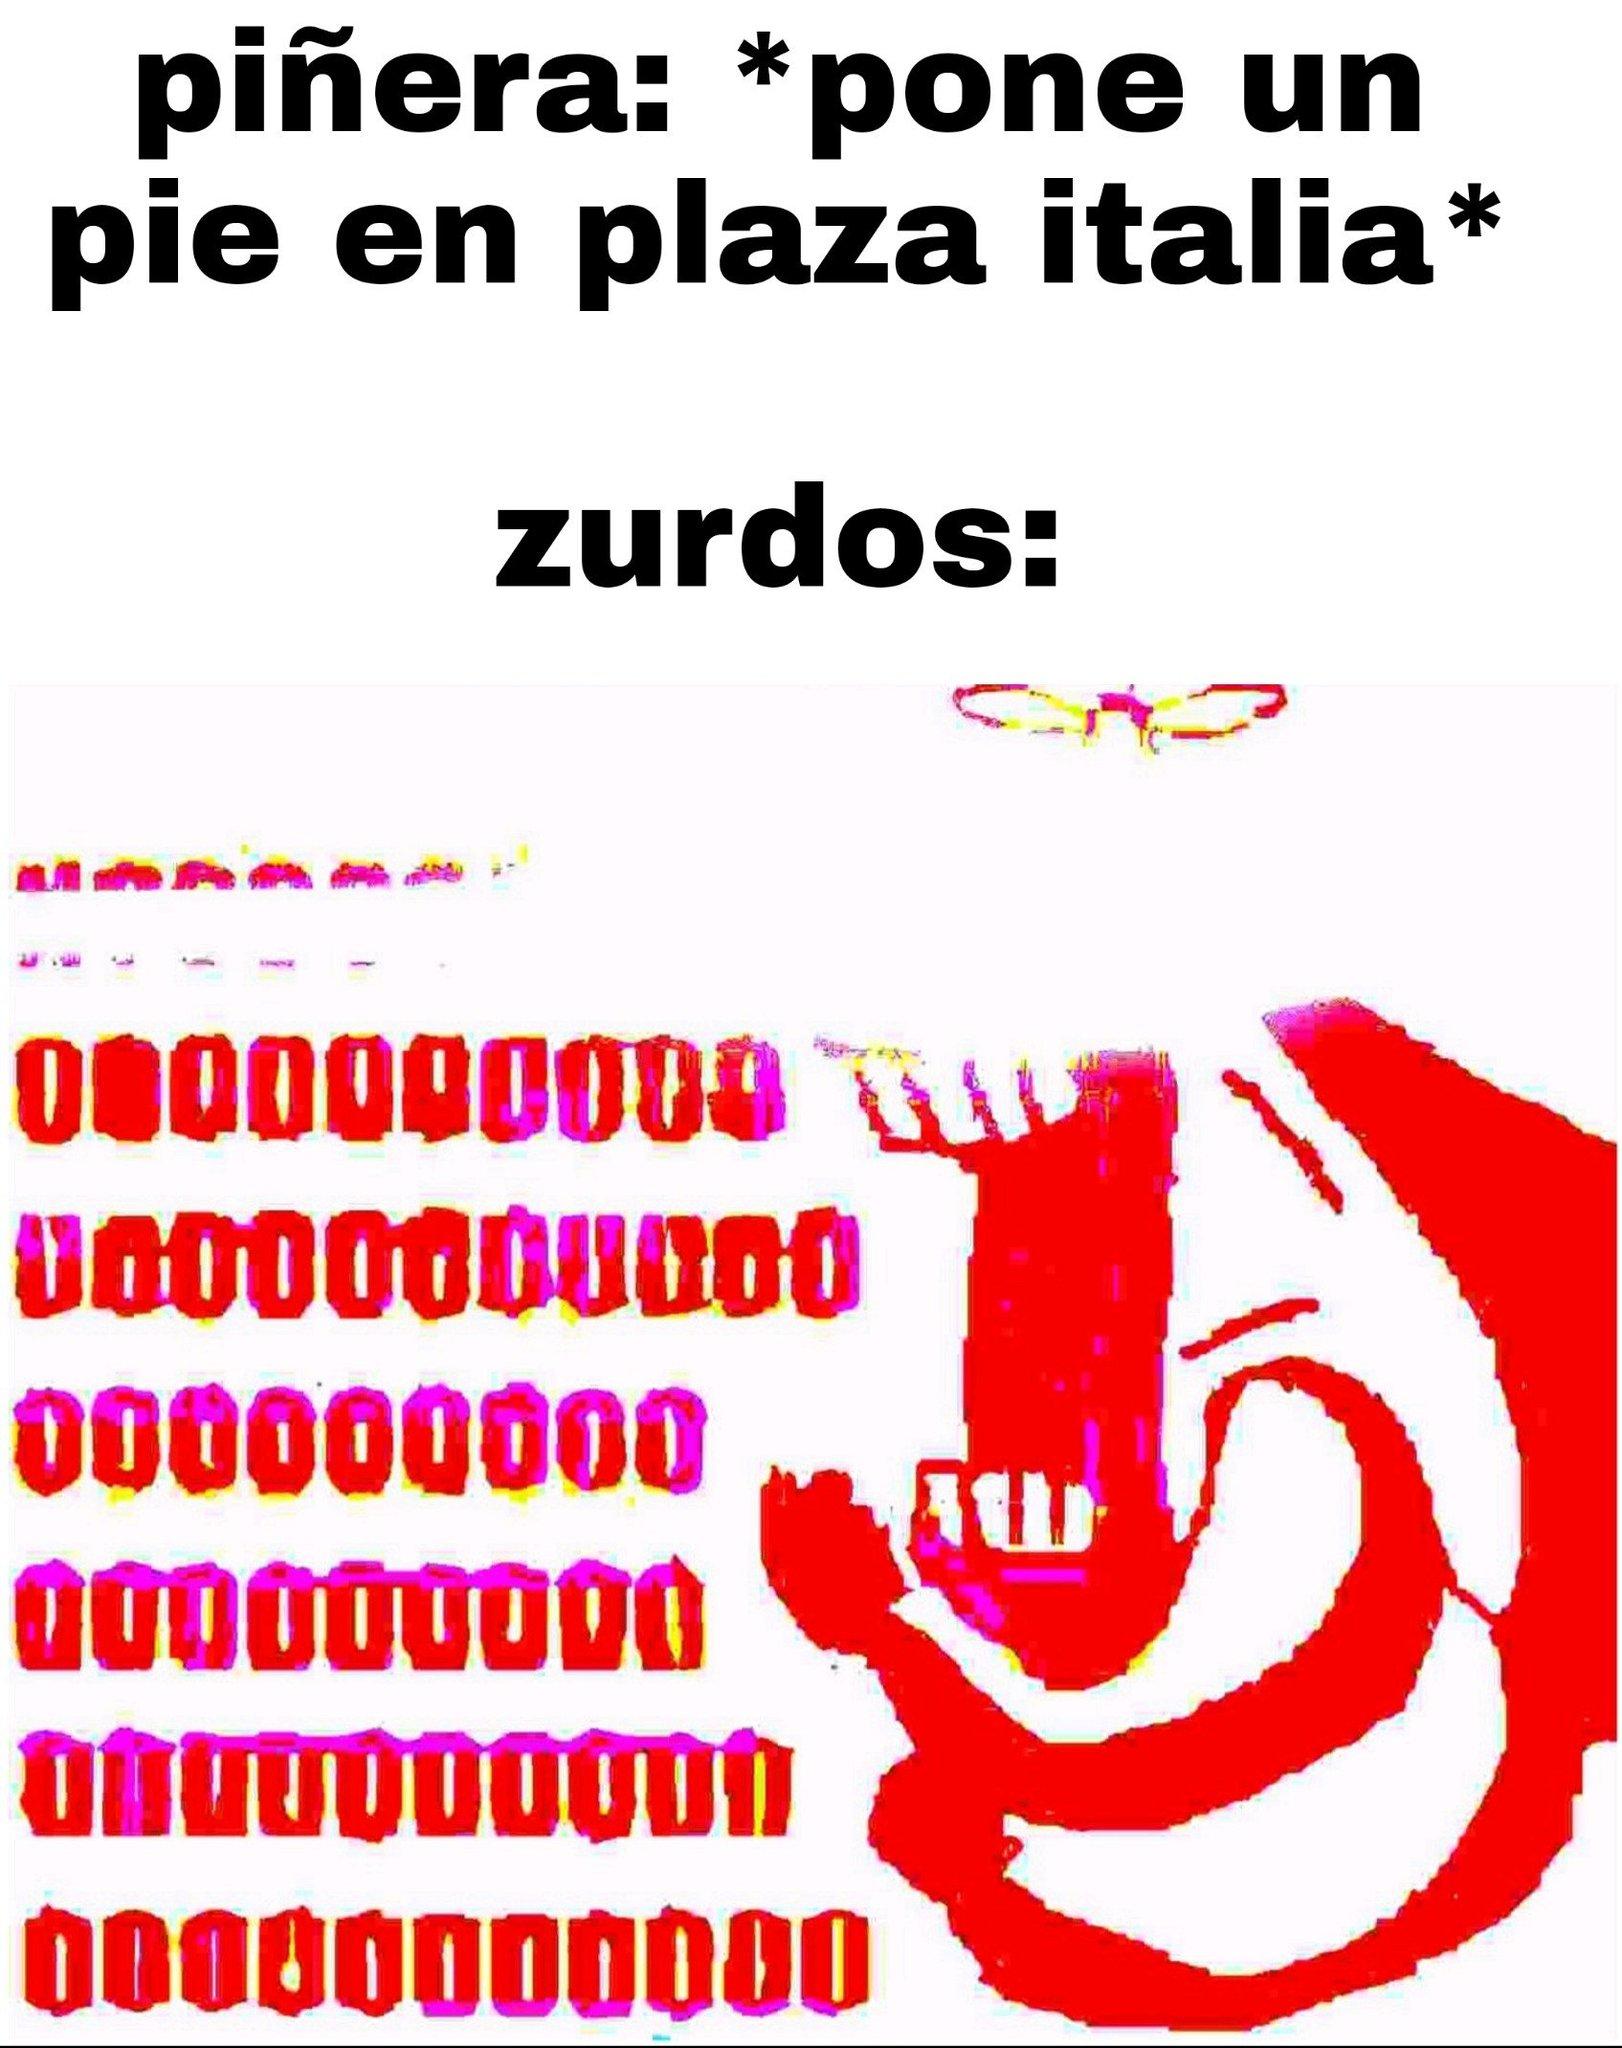 Callate puta - meme